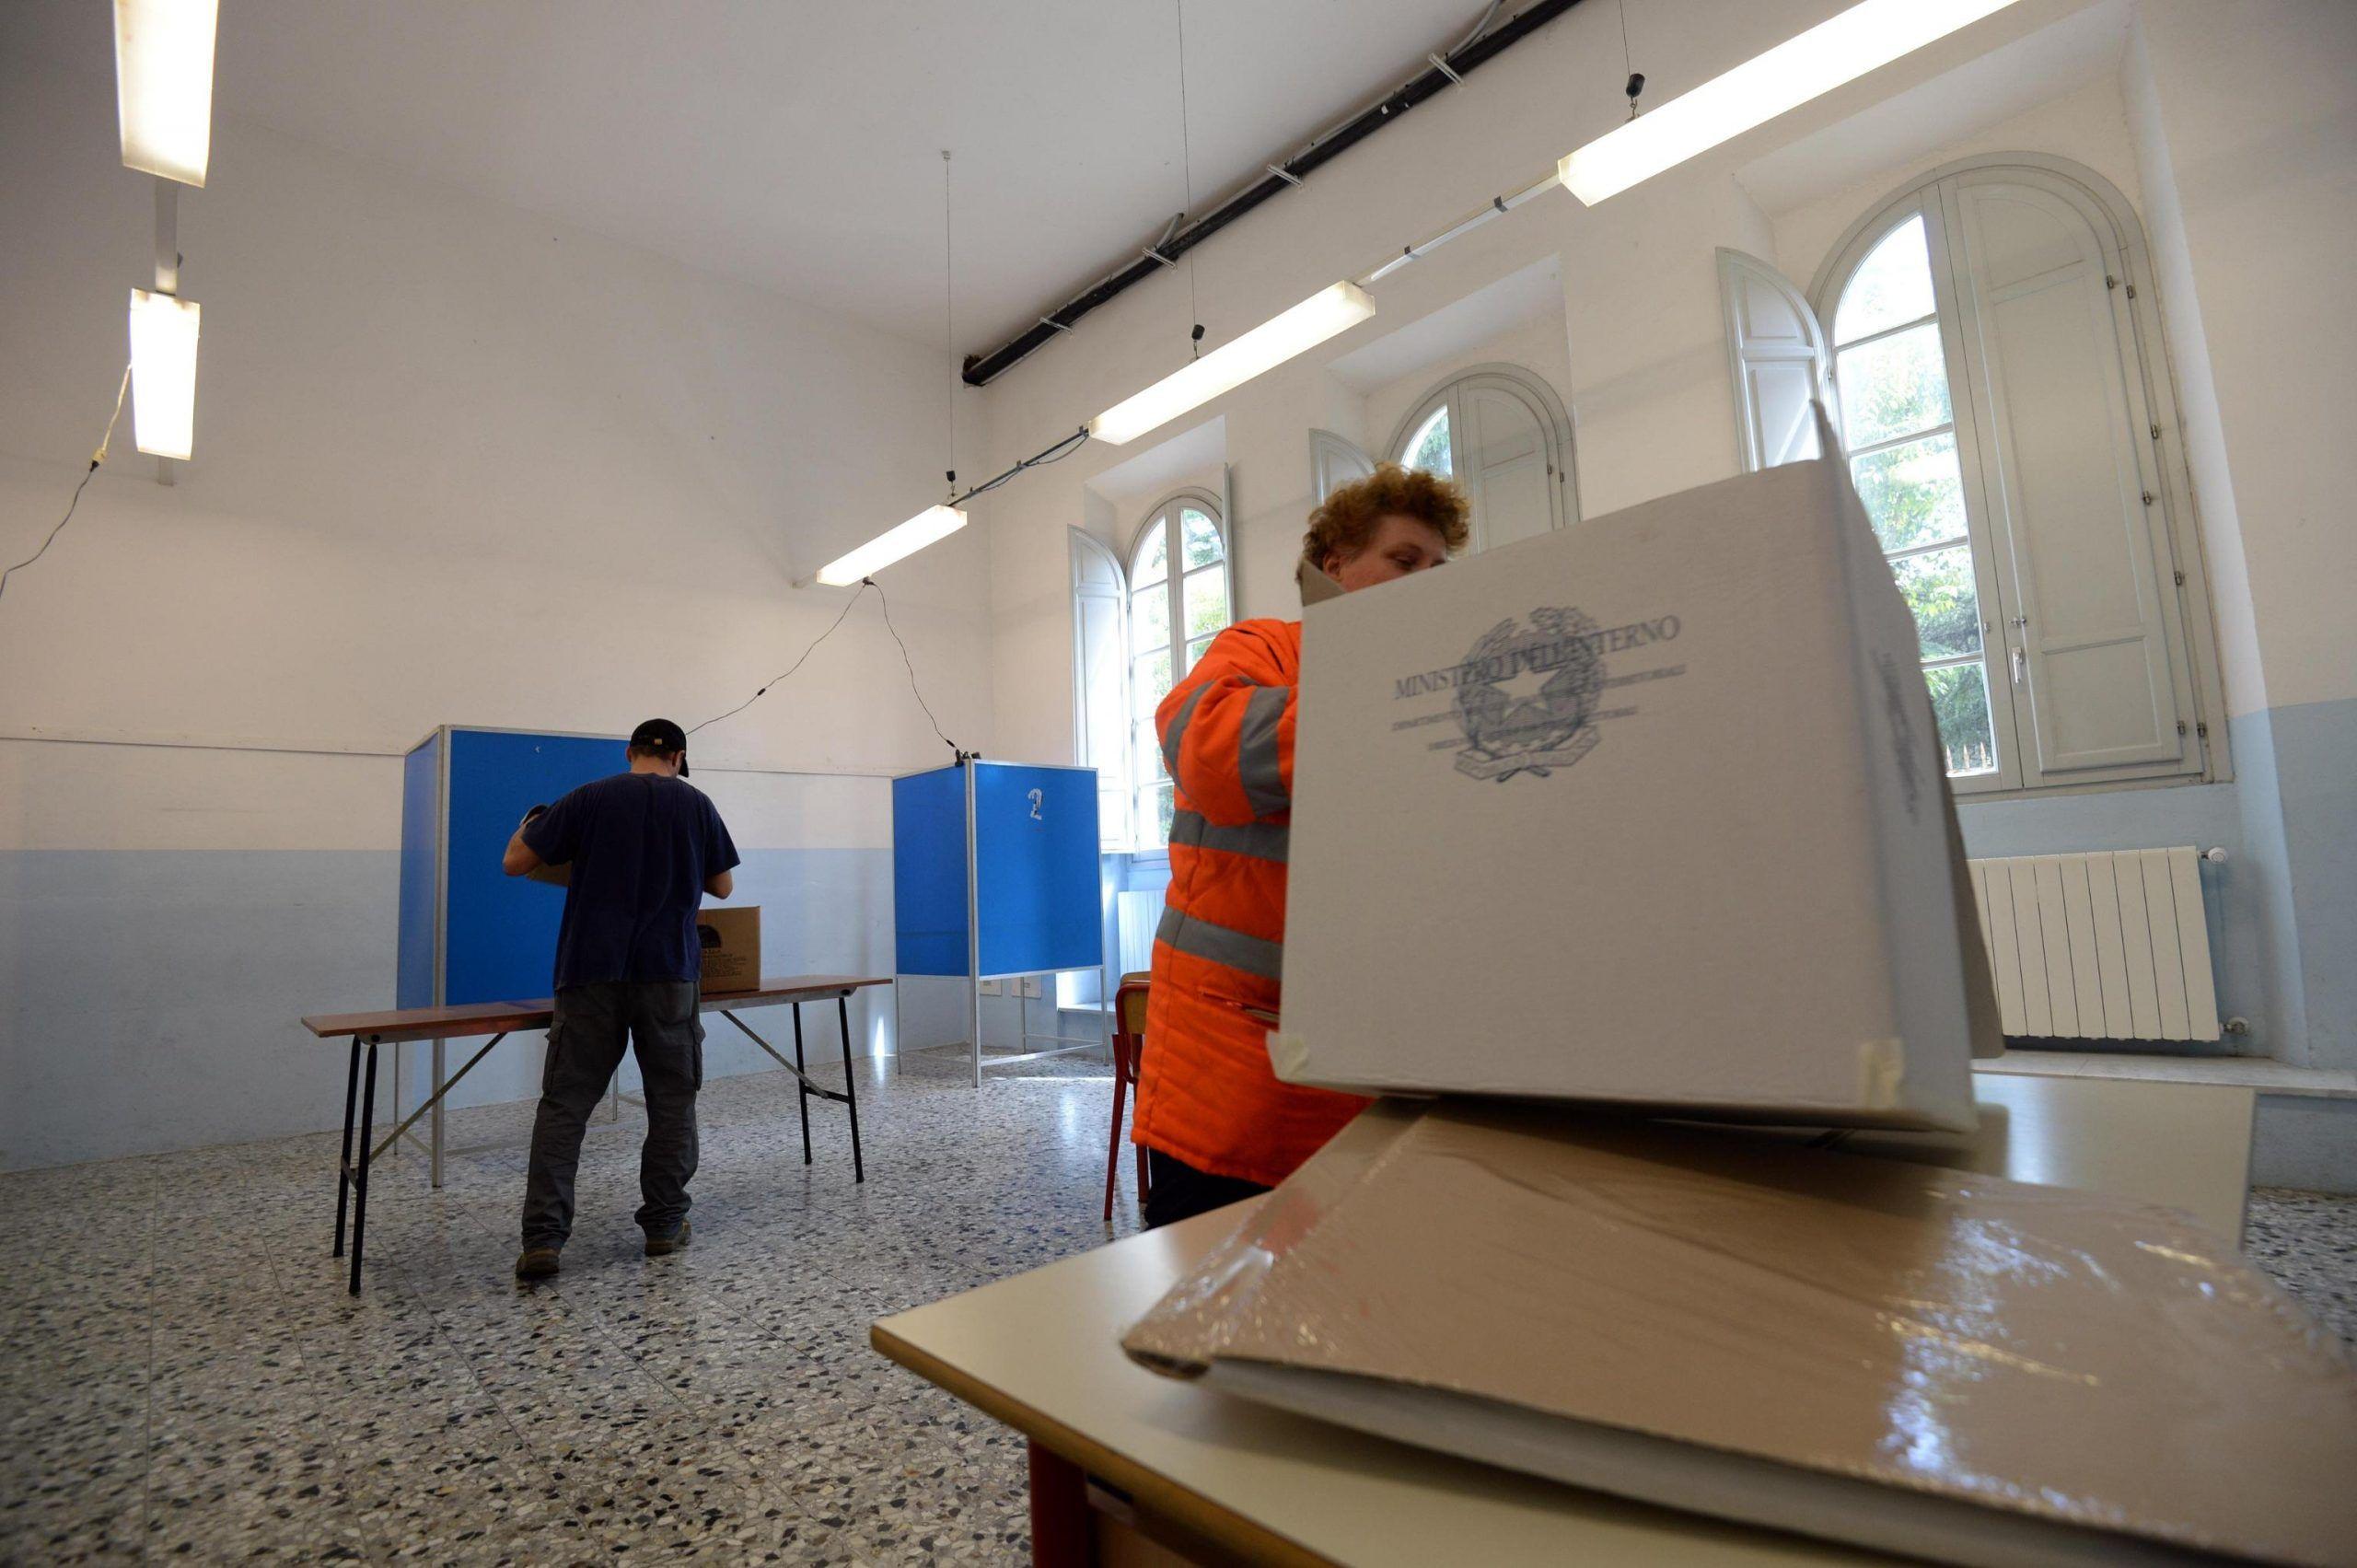 Elezioni 2018, i loghi dei partiti in corsa per il Parlamento